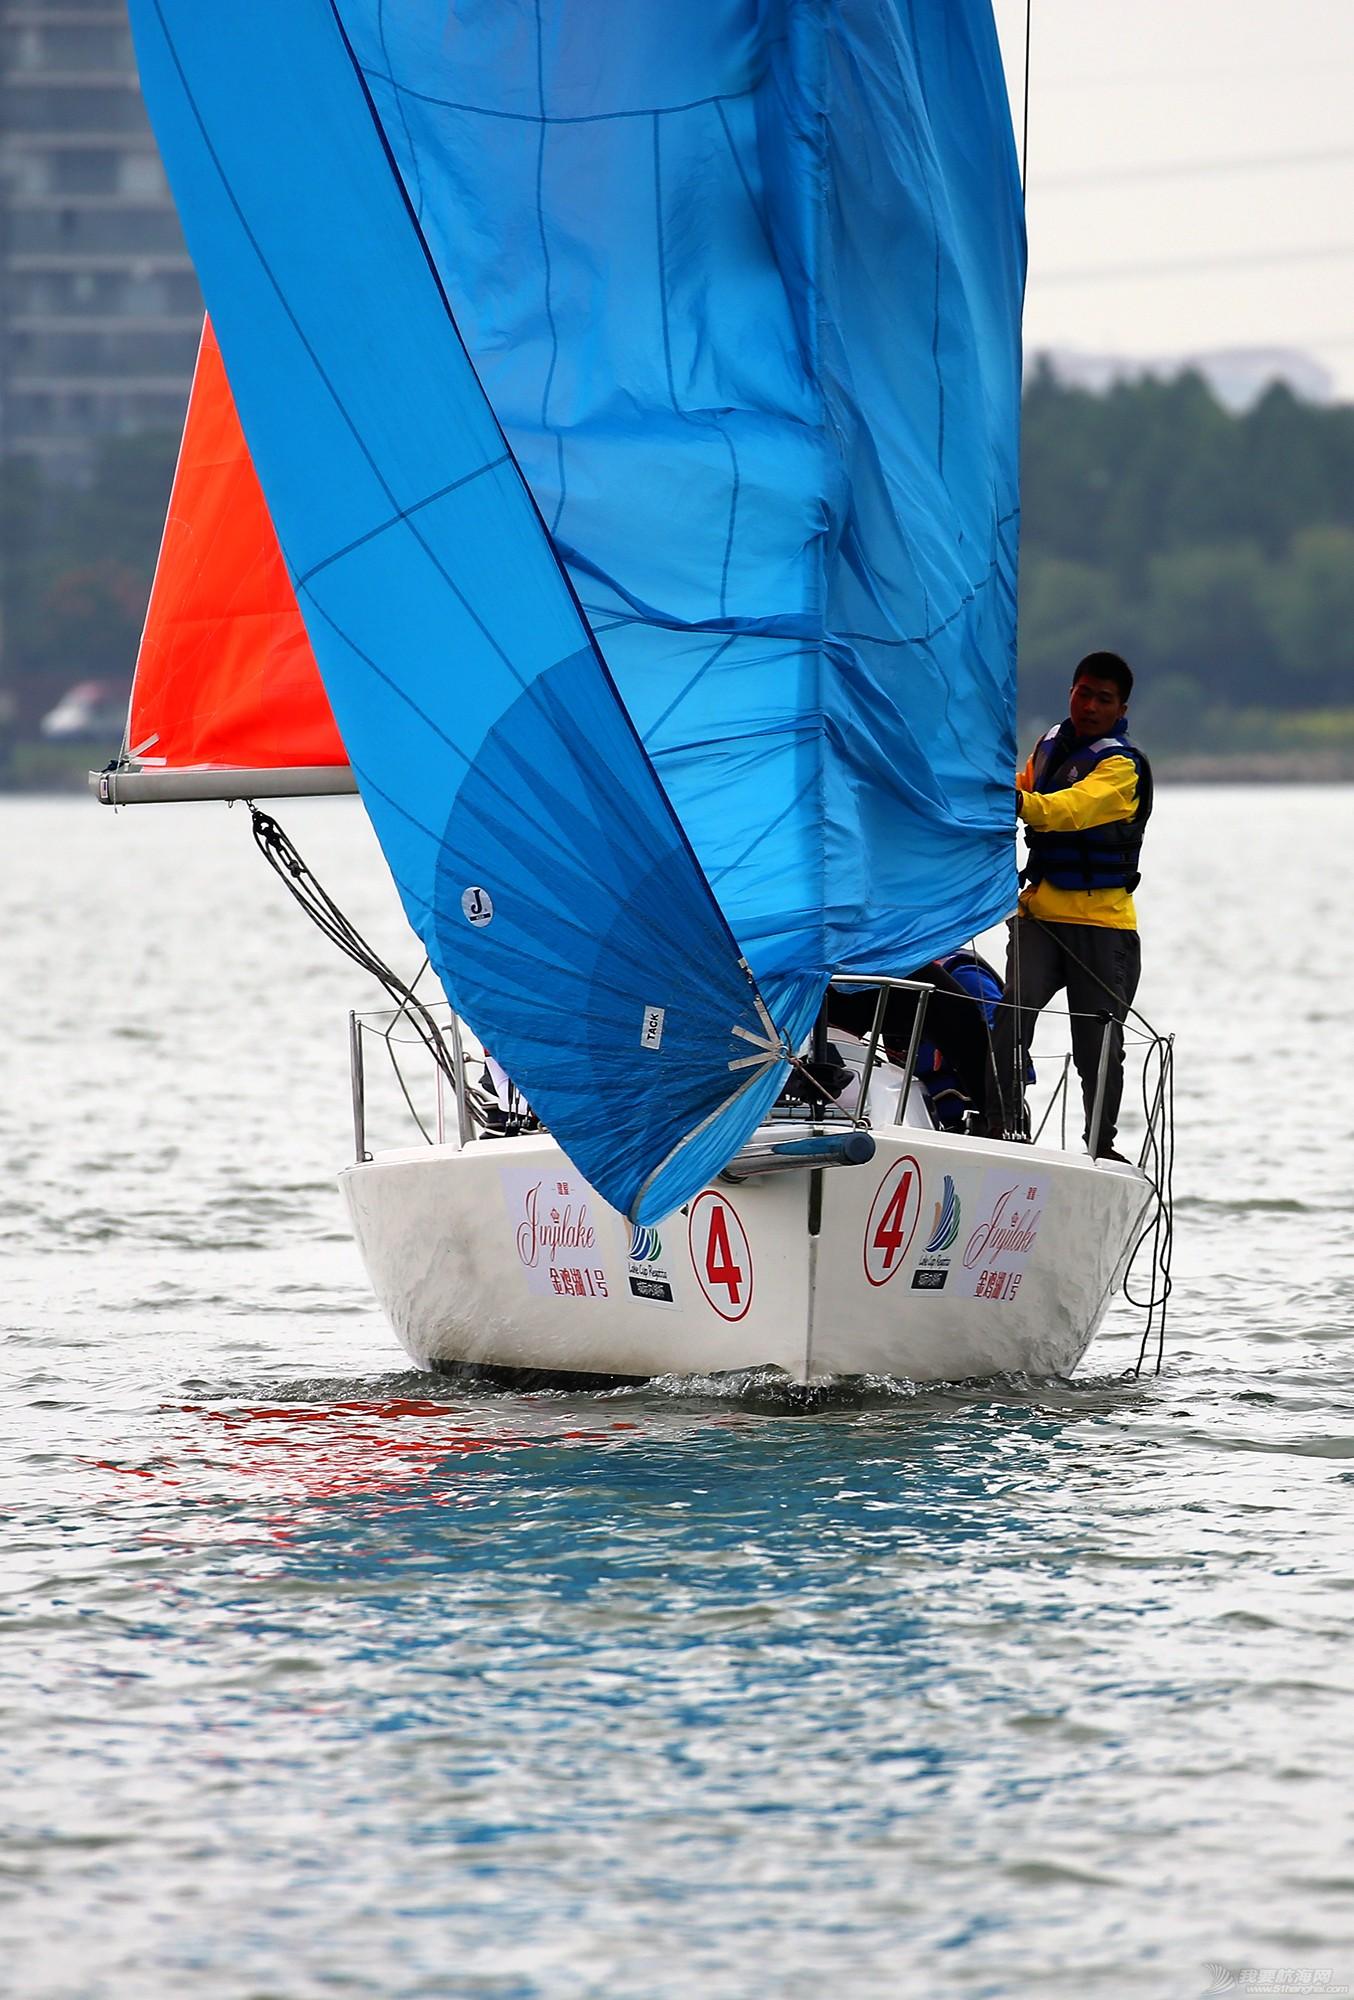 帆船,空间 帆船是灰度空间里跳动的彩色音符 E78W8952.JPG